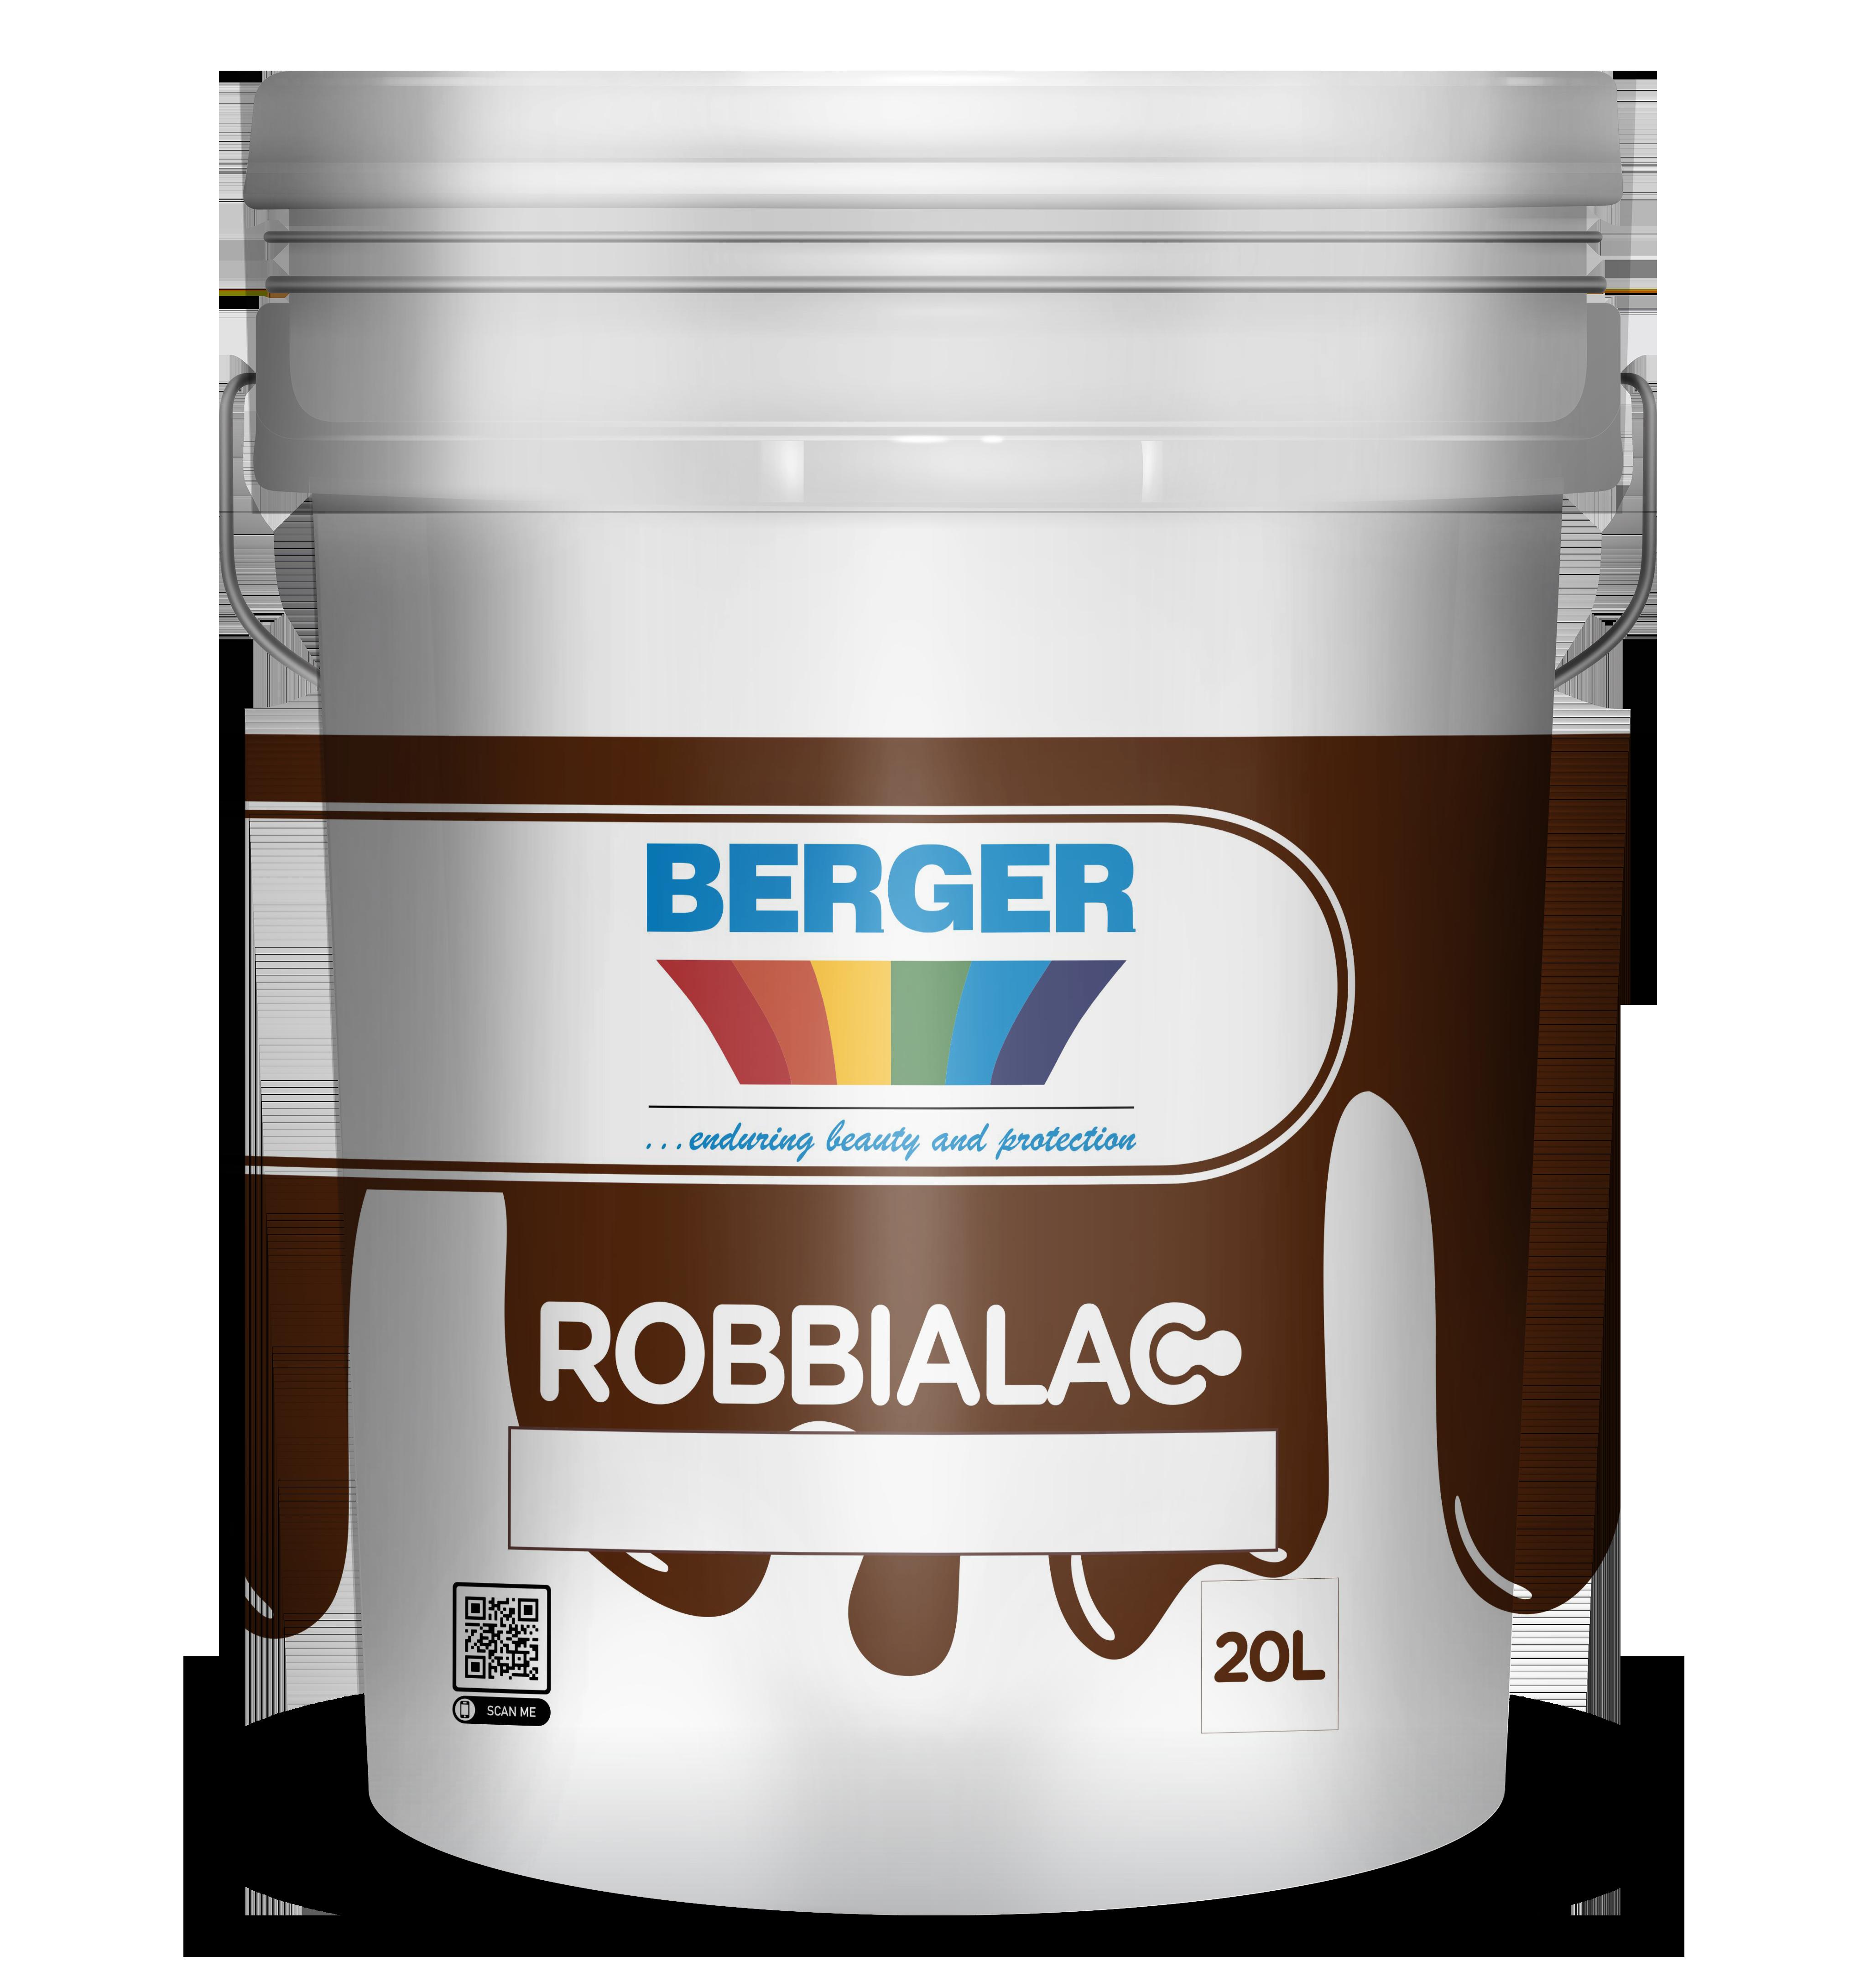 Robbialac Emulsion